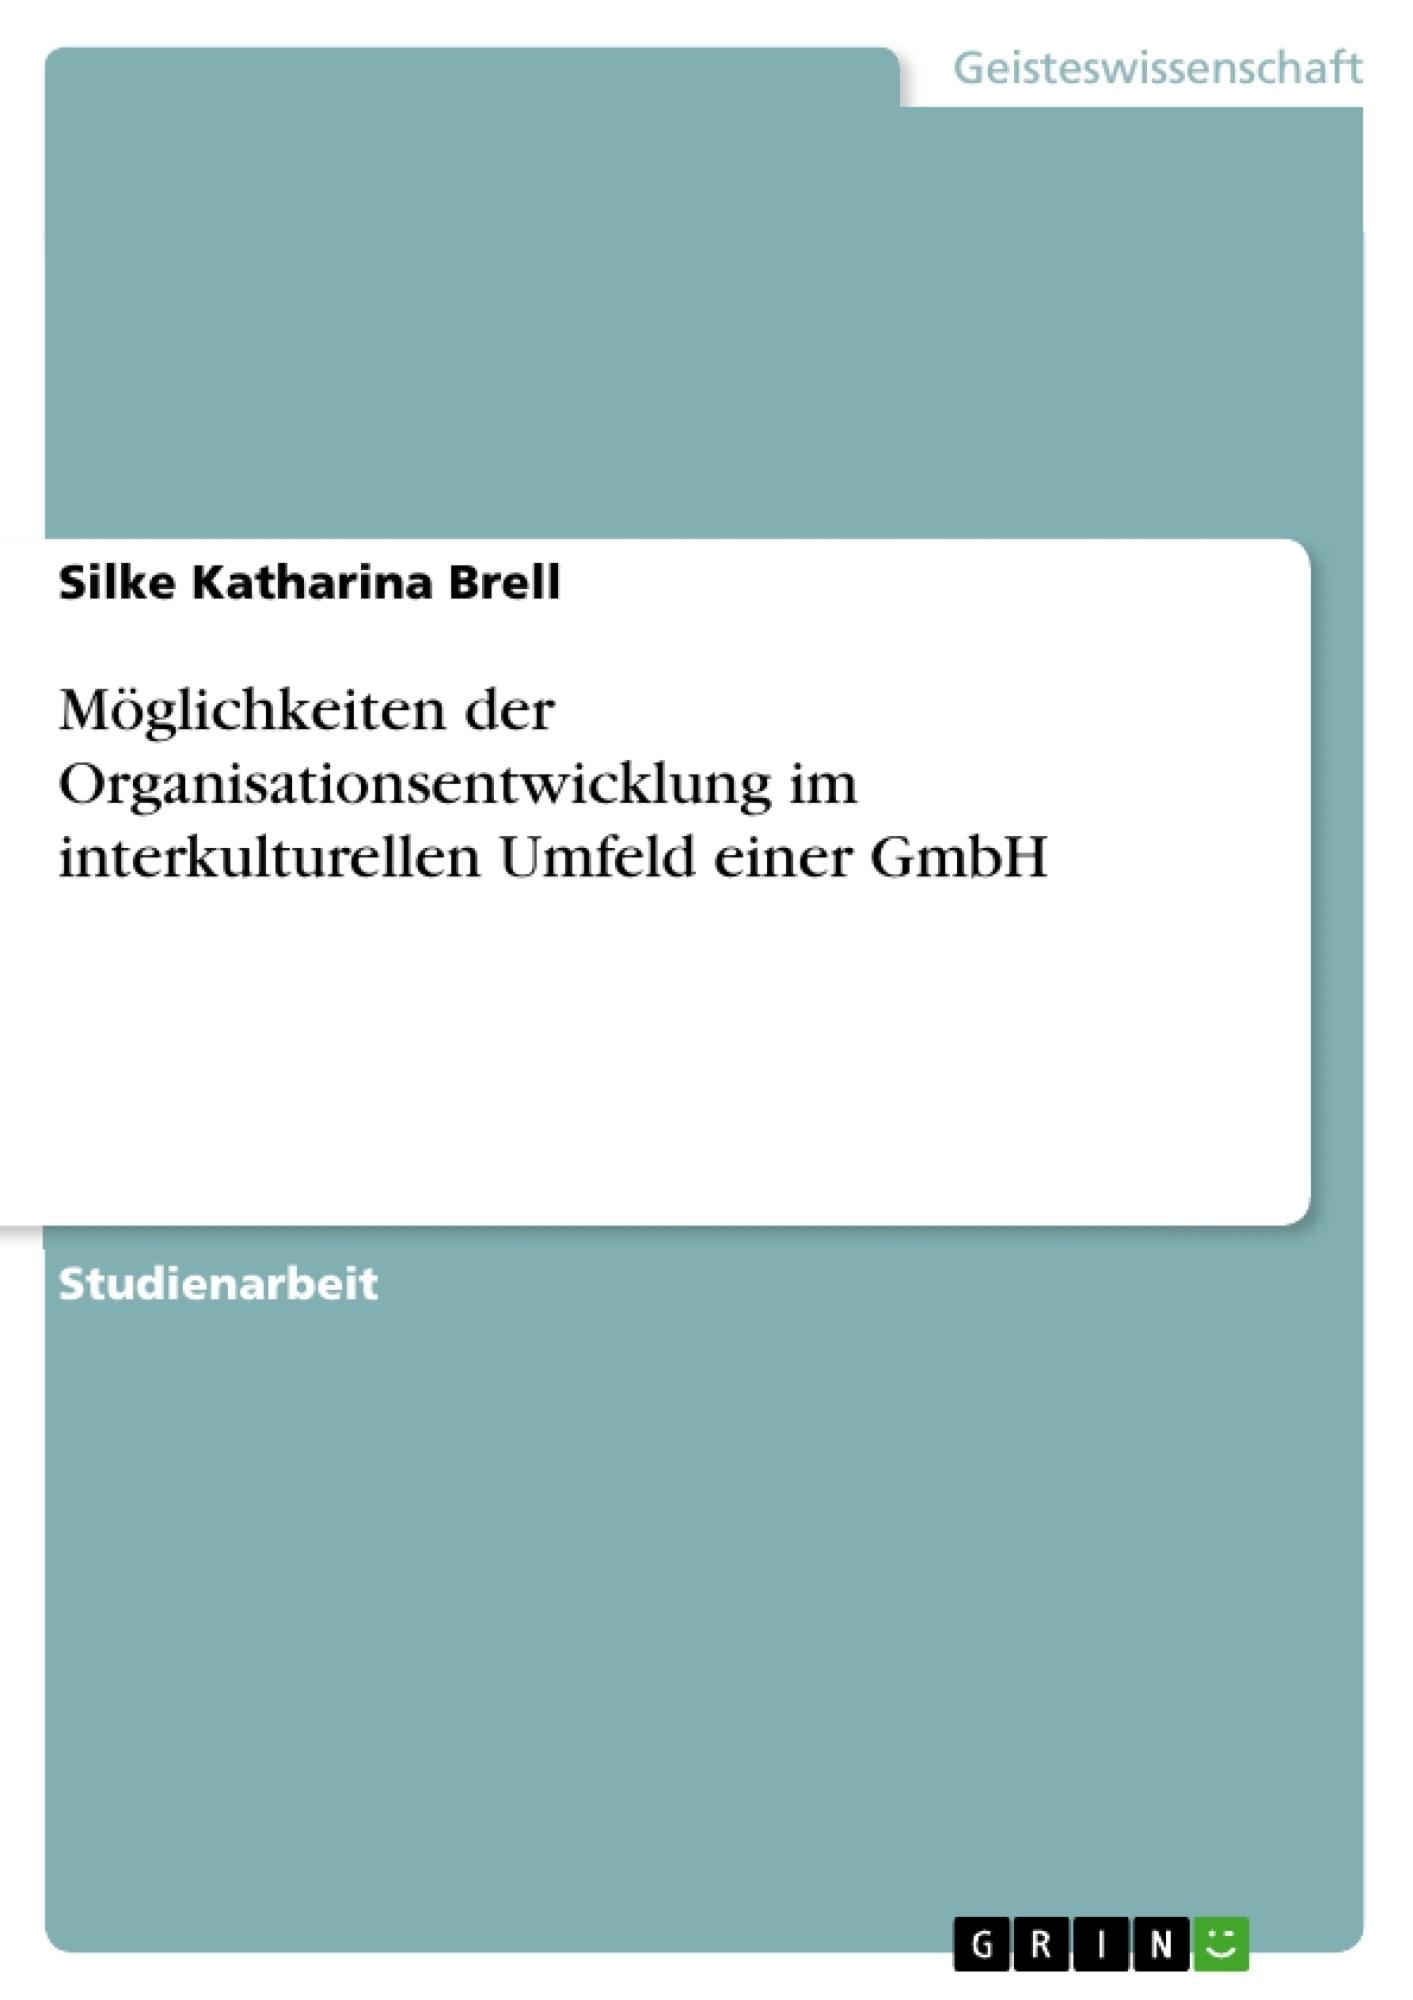 Titel: Möglichkeiten der Organisationsentwicklung im interkulturellen Umfeld einer GmbH